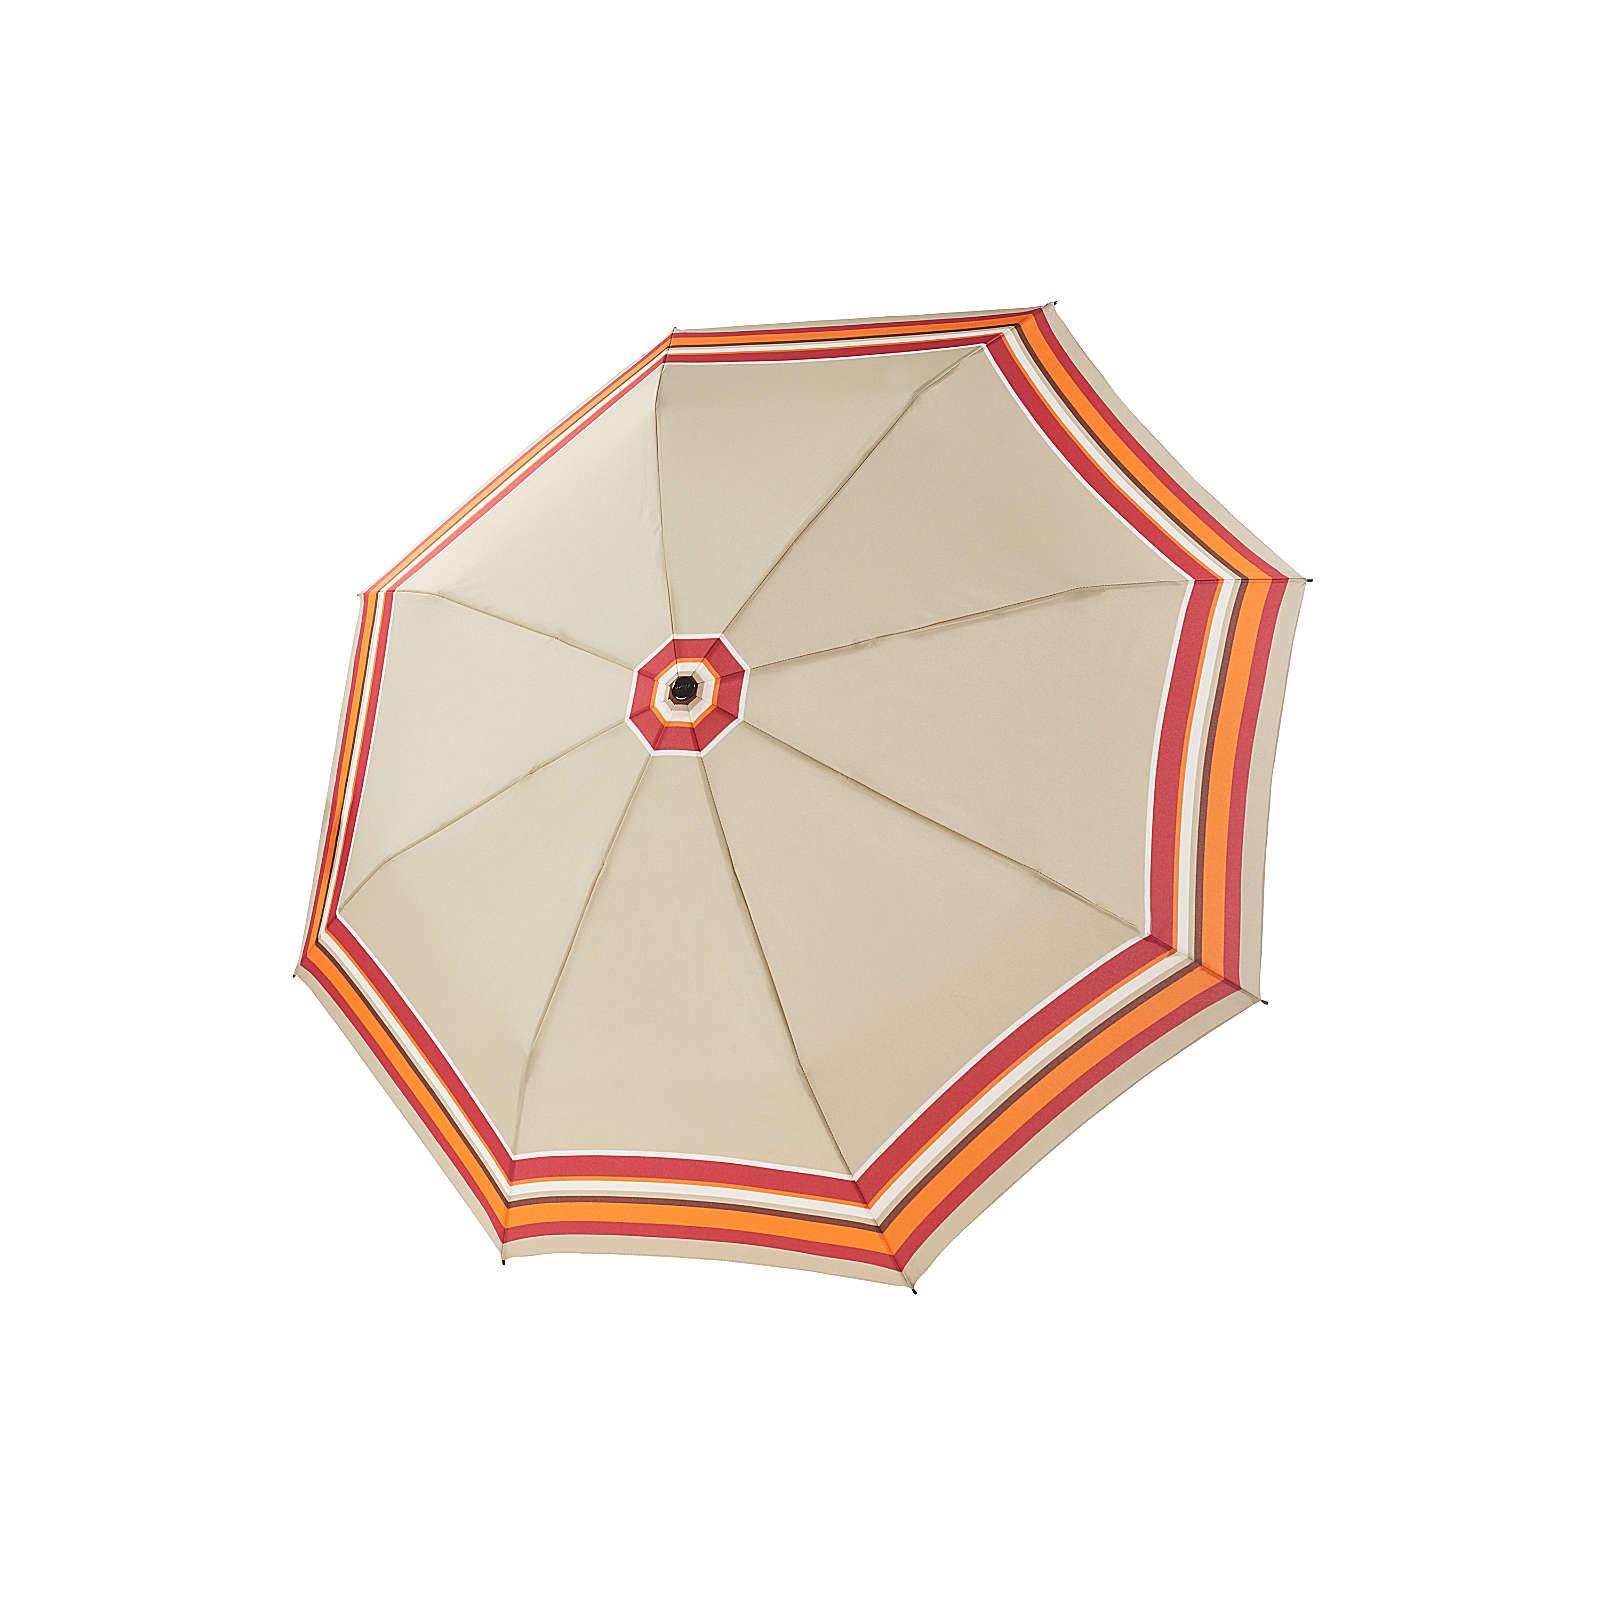 Knirps Regenschirm T200 AMAOCHI Regenschirme sand Herren Gr. one size